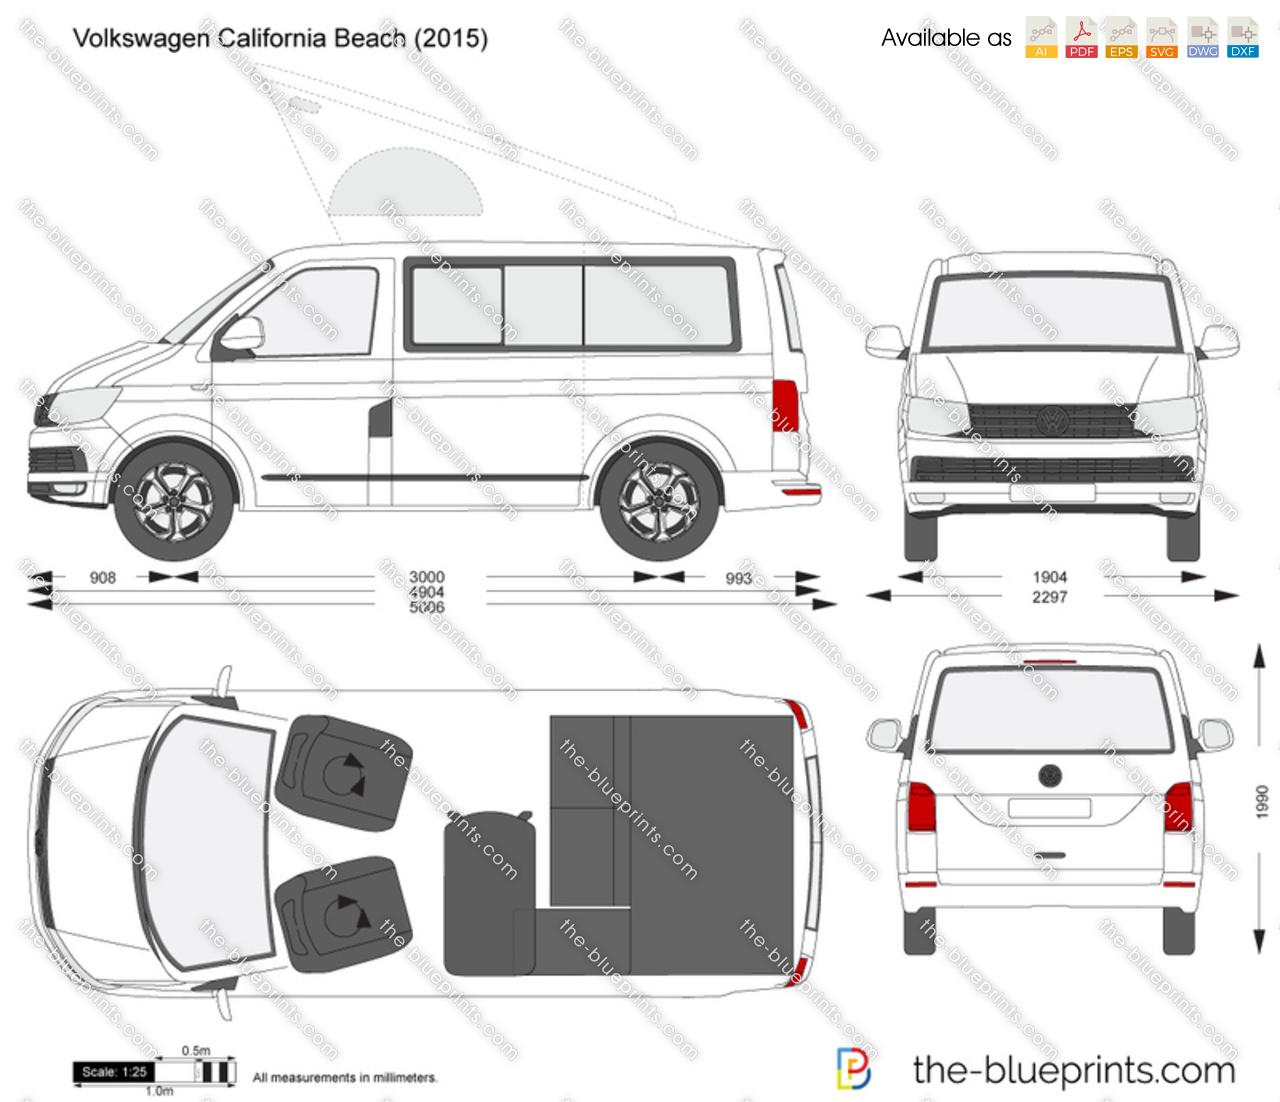 Volkswagen California Beach vector drawing